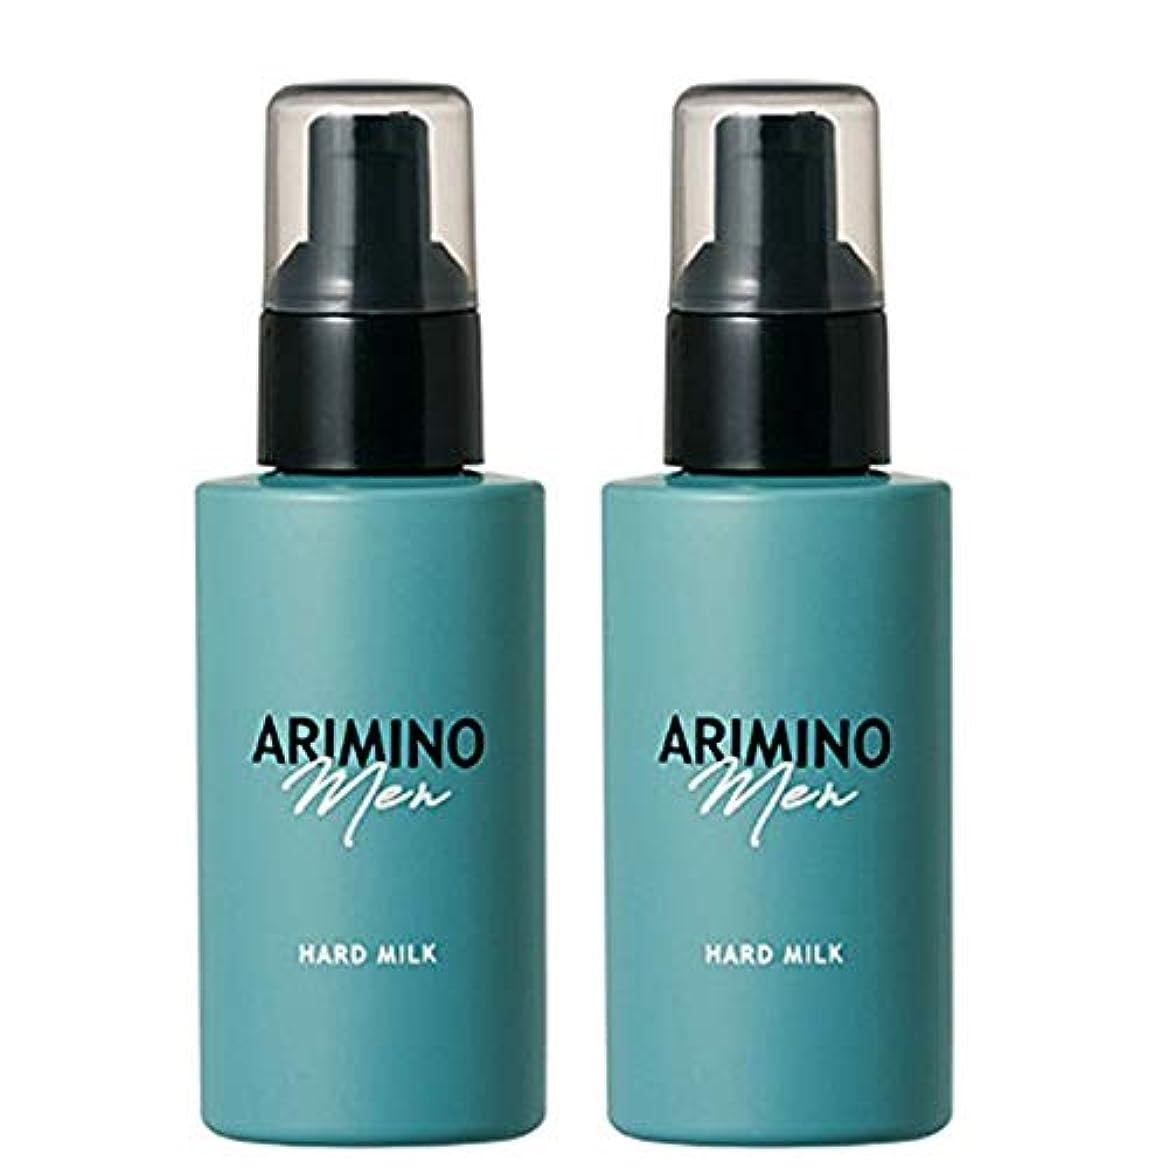 冗談で分析的な寝具アリミノ メン ハード ミルク 100g ×2個 セット arimino men